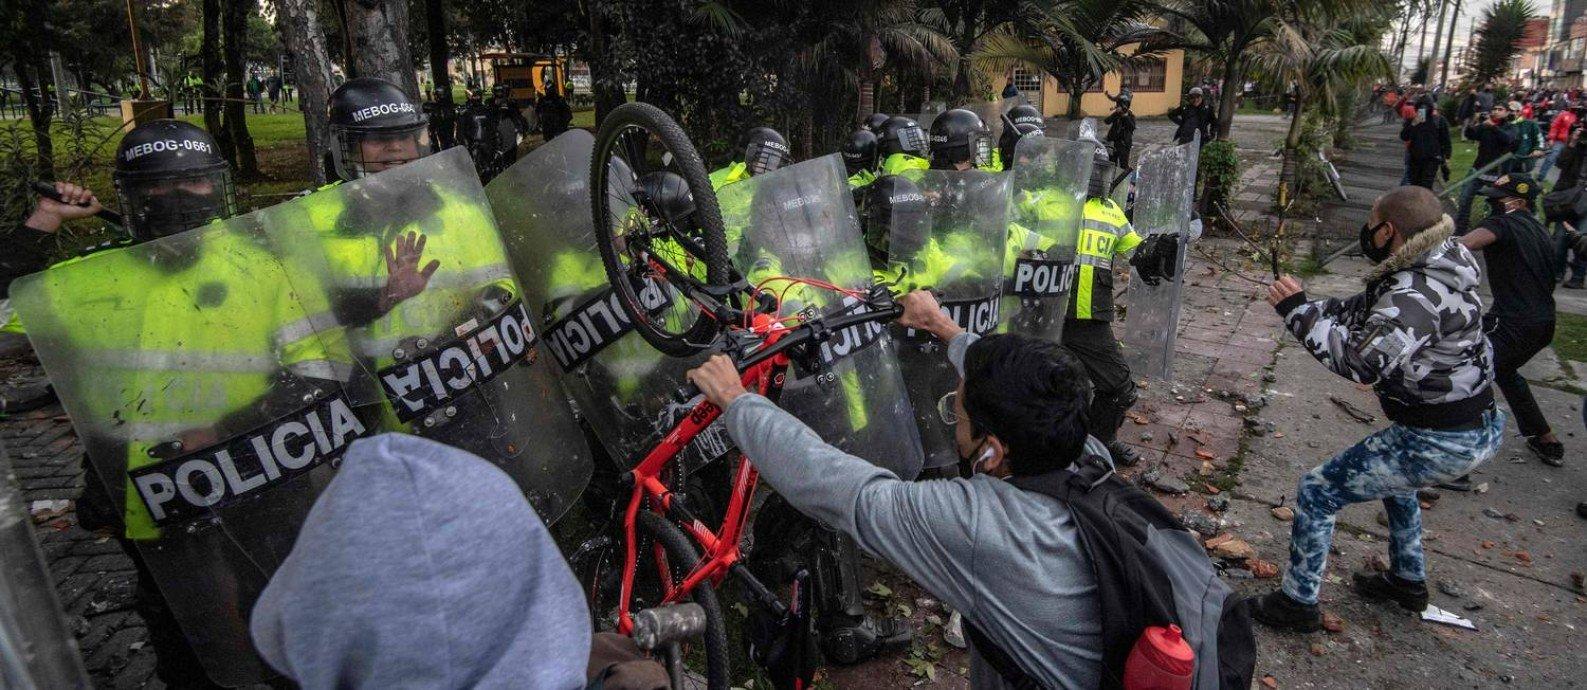 Chacinas na Colômbia evidencia crise de segurança no país